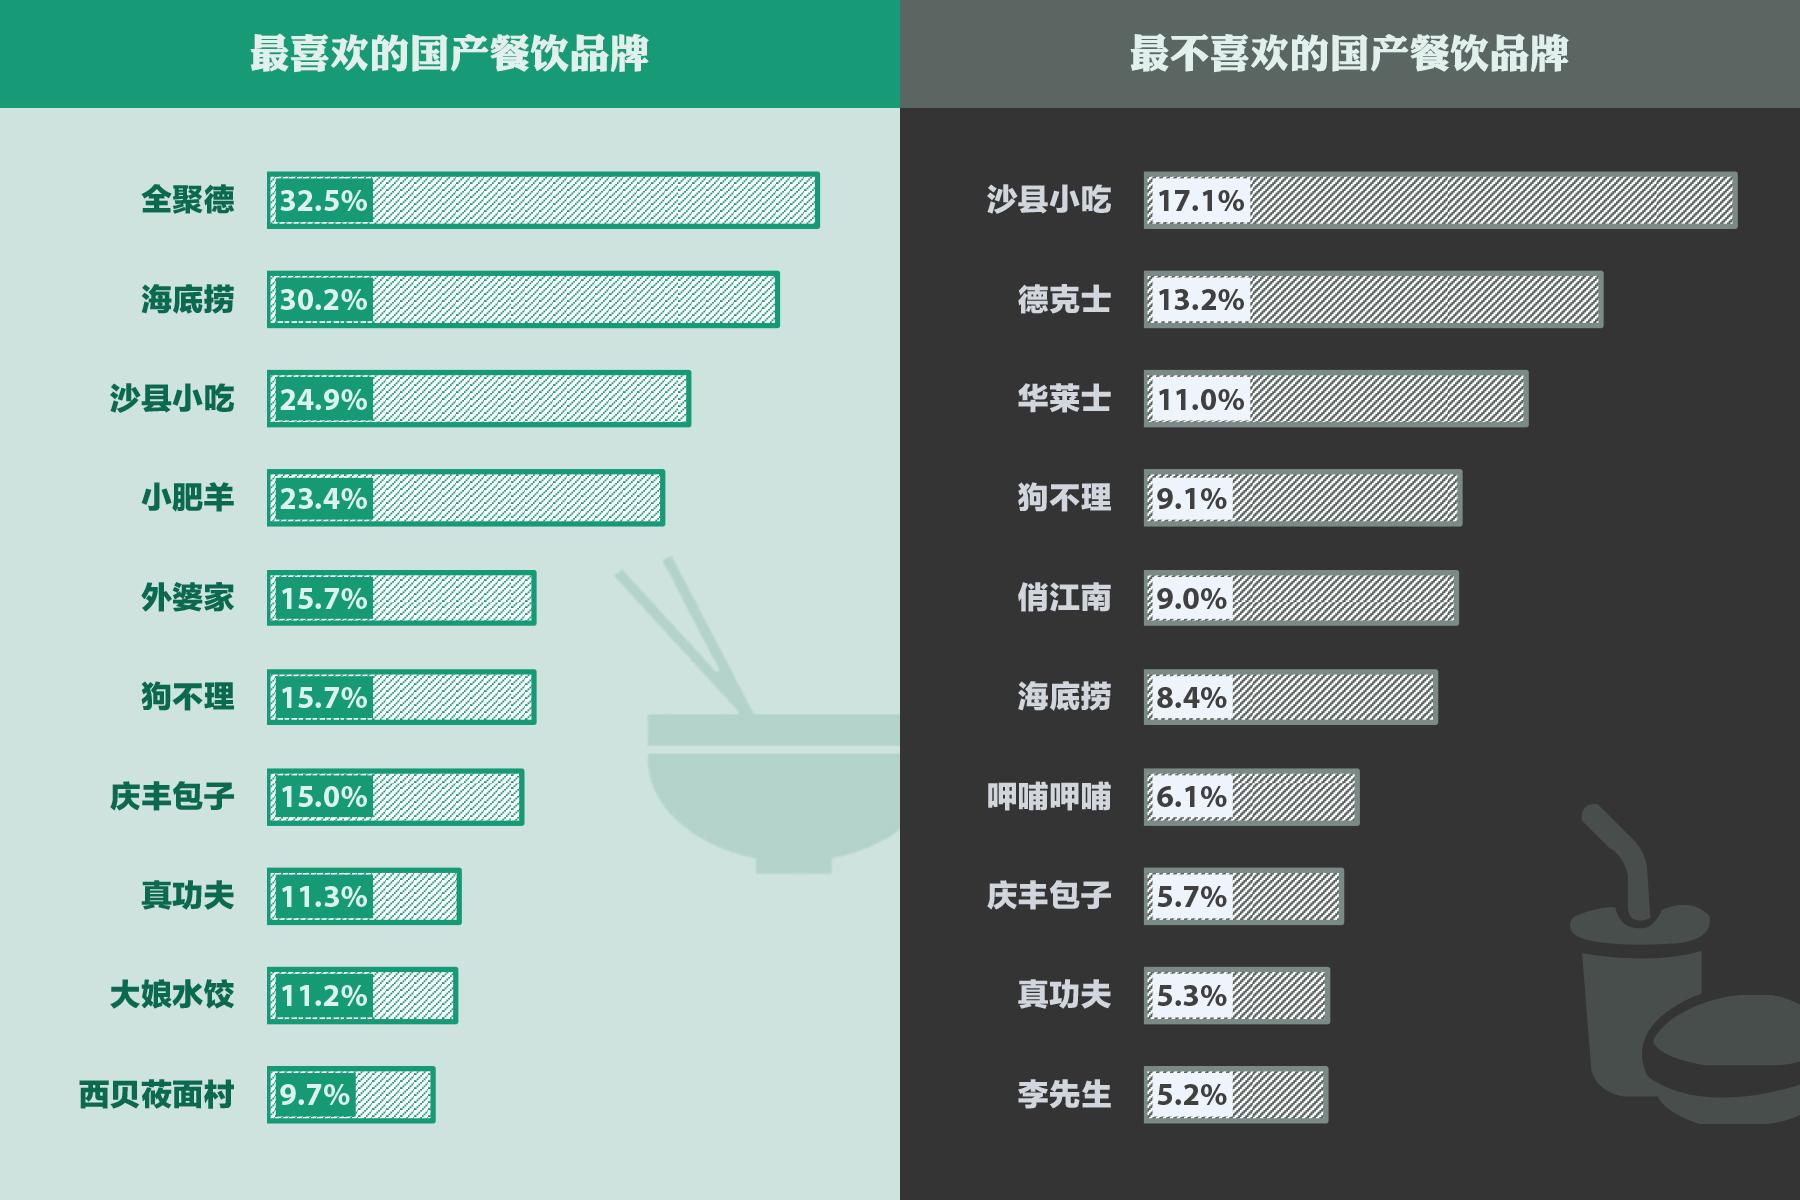 国产餐饮品牌排行榜:全聚德收获最多好评